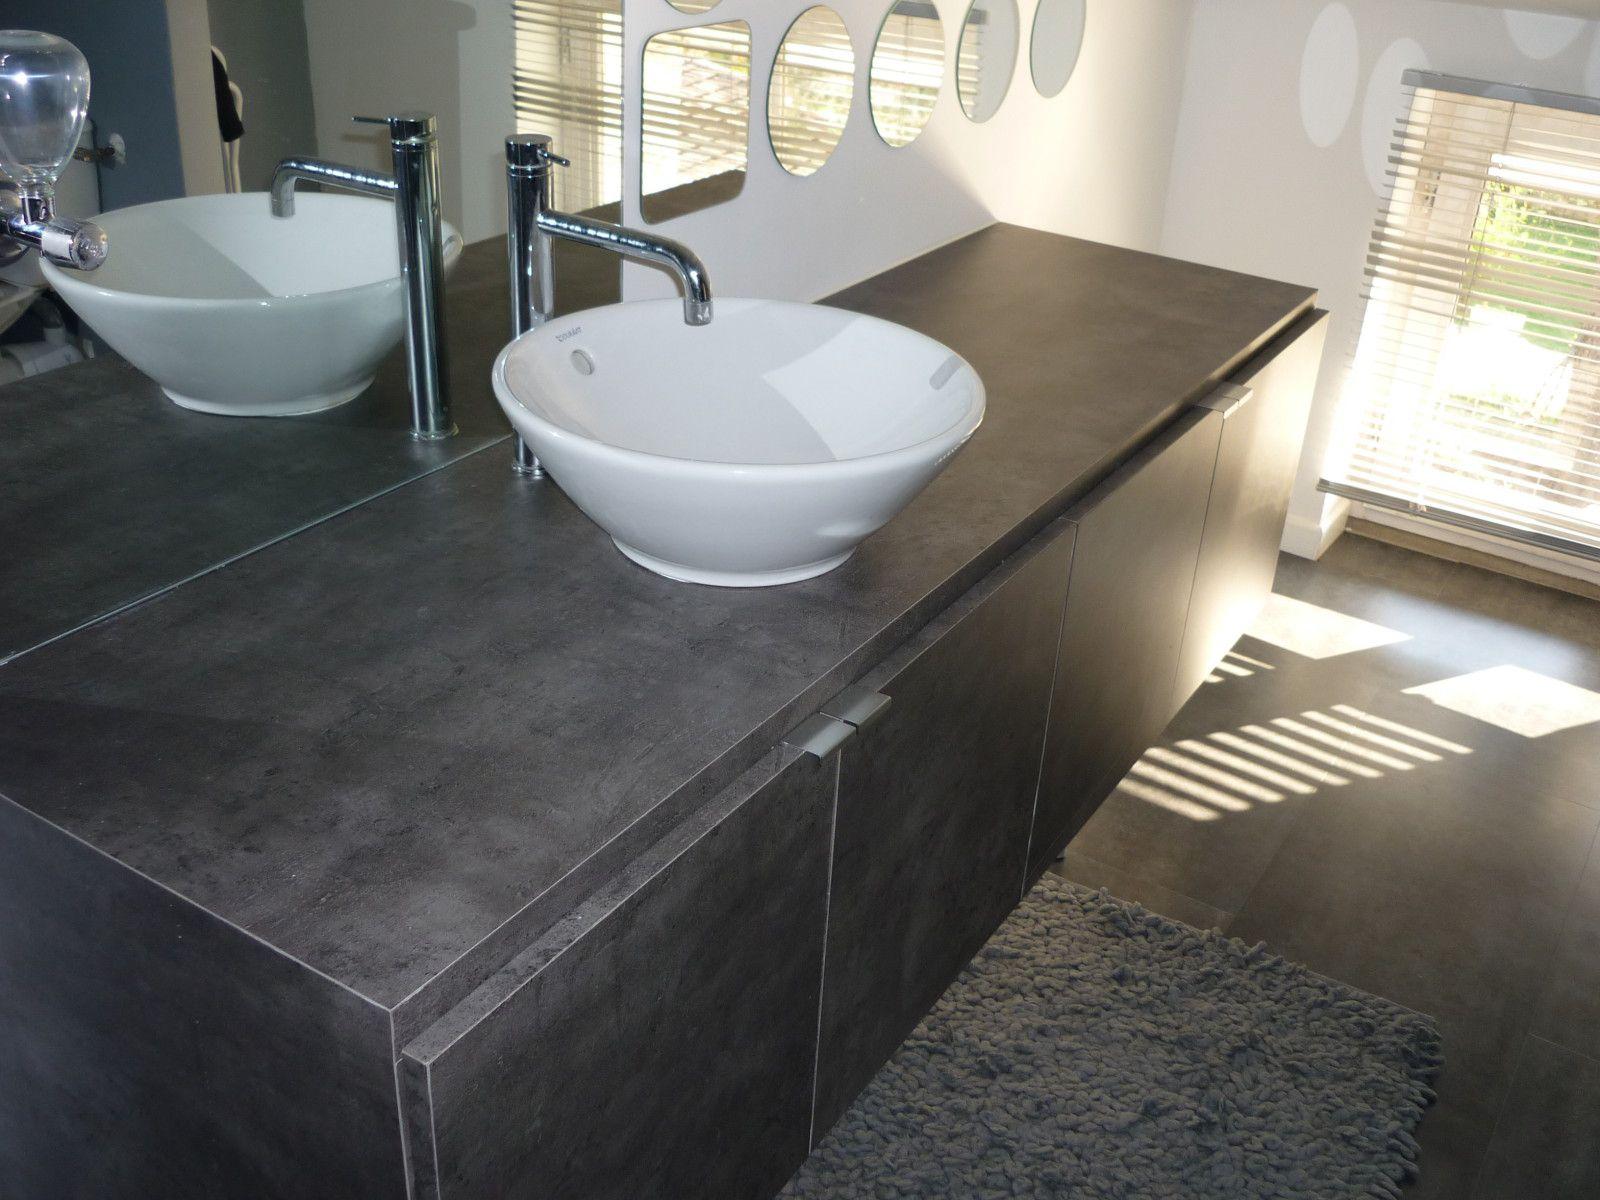 Agencement salle de bain 3d 28 images logiciel for Cuisine et salle de bain 3d